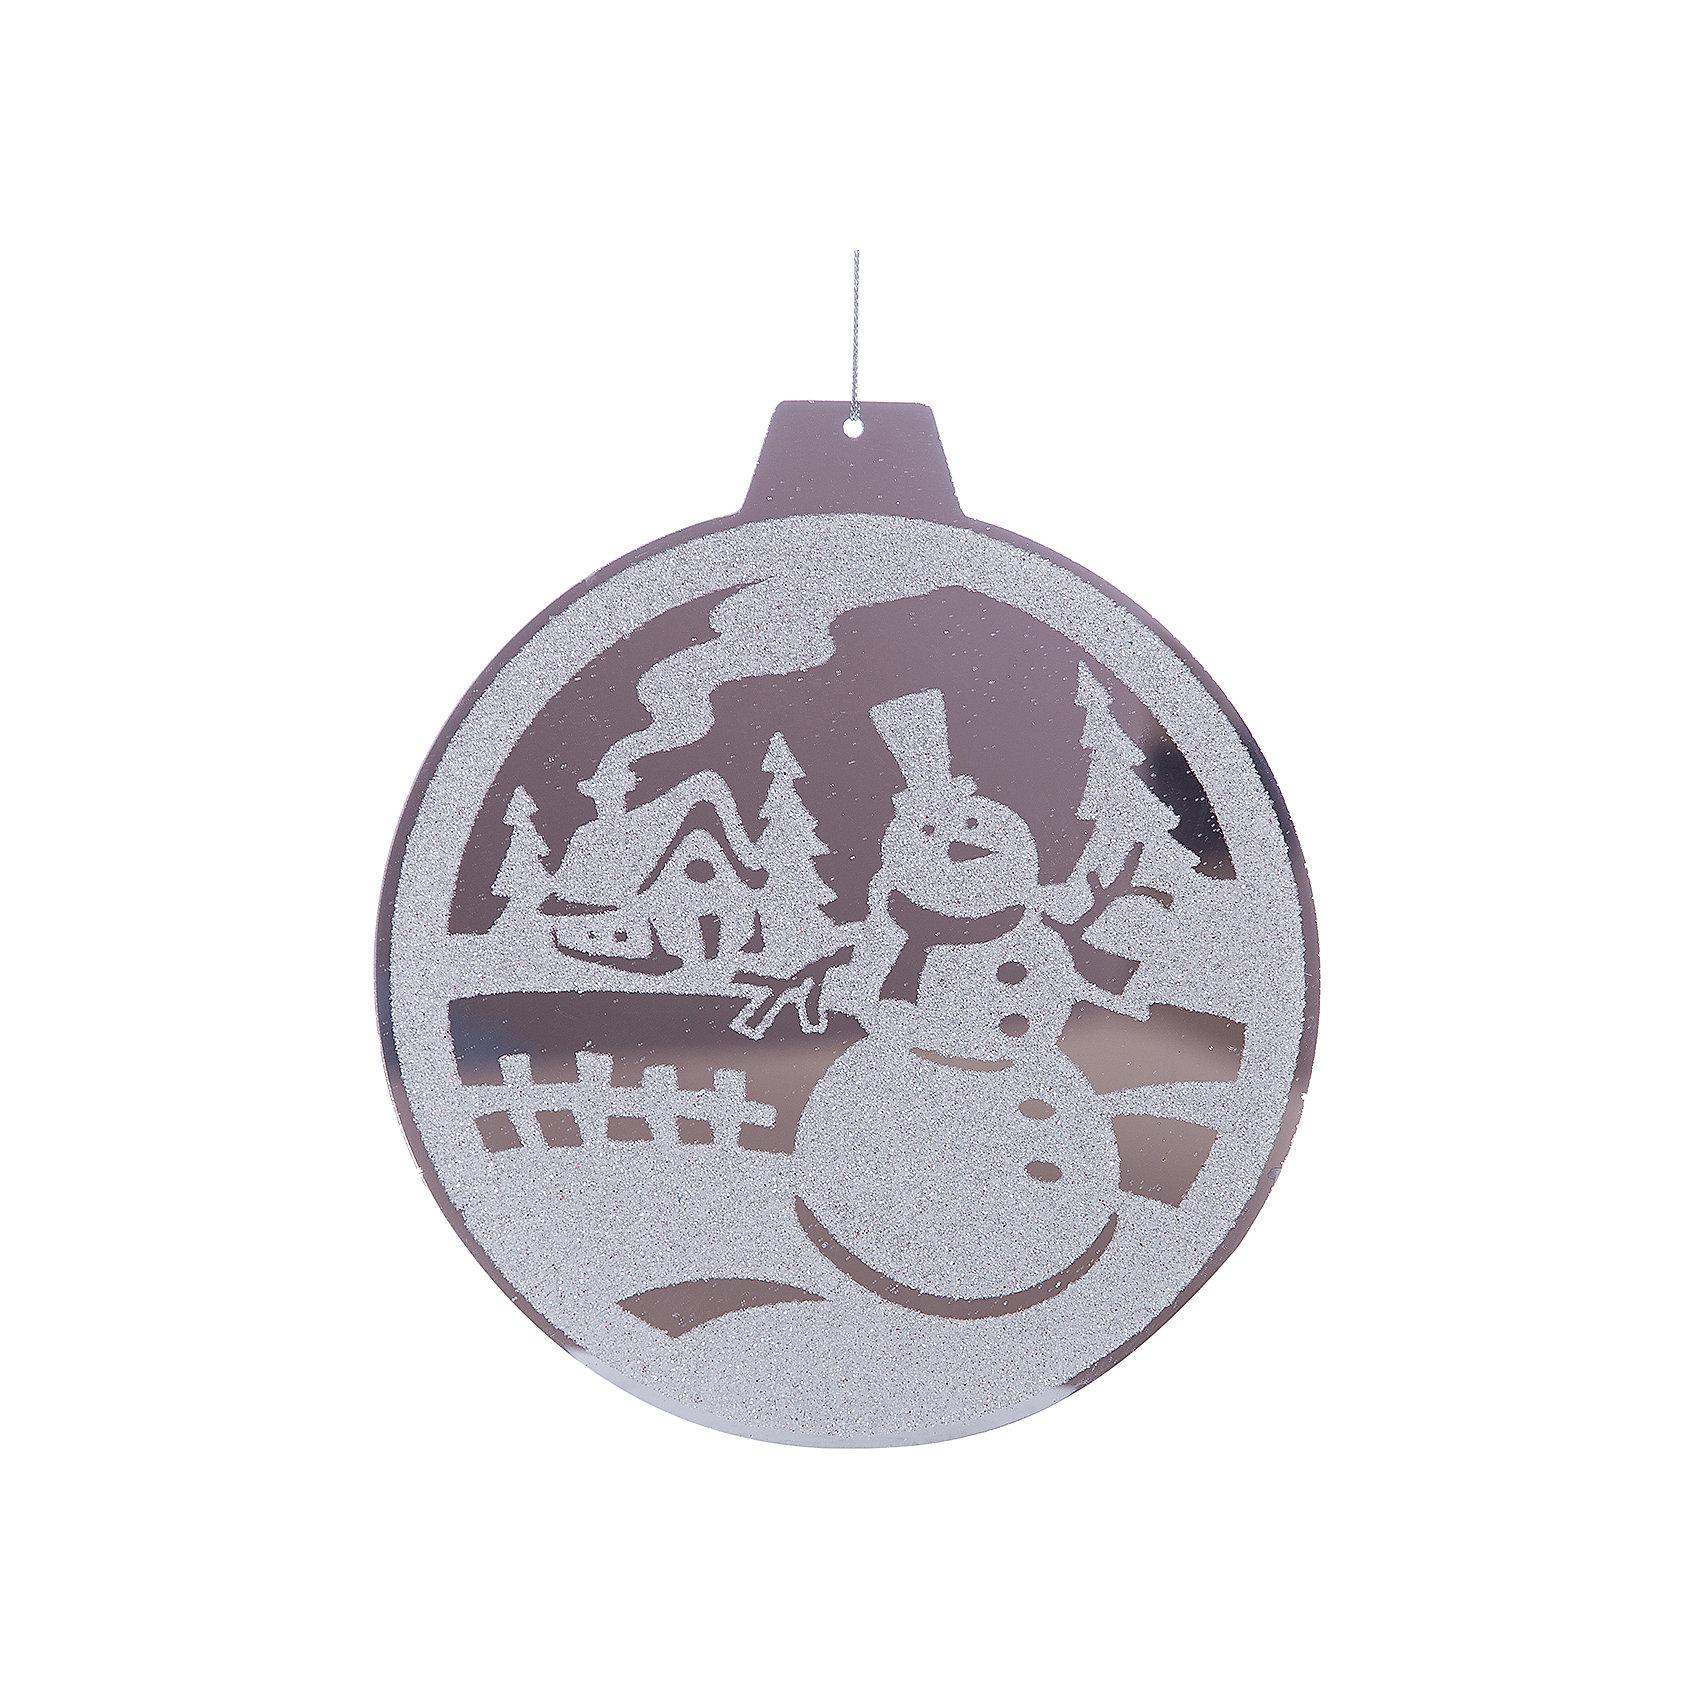 Зеркальное новогоднее украшение (диаметр 15 см), в ассортиментеНовинки Новый Год<br>Зеркальное новогоднее украшение, в ассортименте – этот новогодний аксессуар создаст в доме волшебную праздничную атмосферу.<br>Зеркальное новогоднее украшение замечательно украсит Ваш новогодний интерьер и создаст праздничное настроение! В ассортименте представлены 2 цвета. Украшение также послужит замечательным подарком близким и друзьям!<br><br>Дополнительная информация:<br>- В ассортименте: 2 цвета<br>- Диаметр: 15 см.<br><br>- ВНИМАНИЕ! Данный артикул представлен в разных вариантах исполнения. К сожалению, заранее выбрать определенный вариант невозможно. При заказе нескольких наборов возможно получение одинаковых<br><br>Зеркальное новогоднее украшение, в ассортименте можно купить в нашем интернет-магазине.<br><br>Ширина мм: 10<br>Глубина мм: 150<br>Высота мм: 150<br>Вес г: 100<br>Возраст от месяцев: 36<br>Возраст до месяцев: 1188<br>Пол: Унисекс<br>Возраст: Детский<br>SKU: 4262244